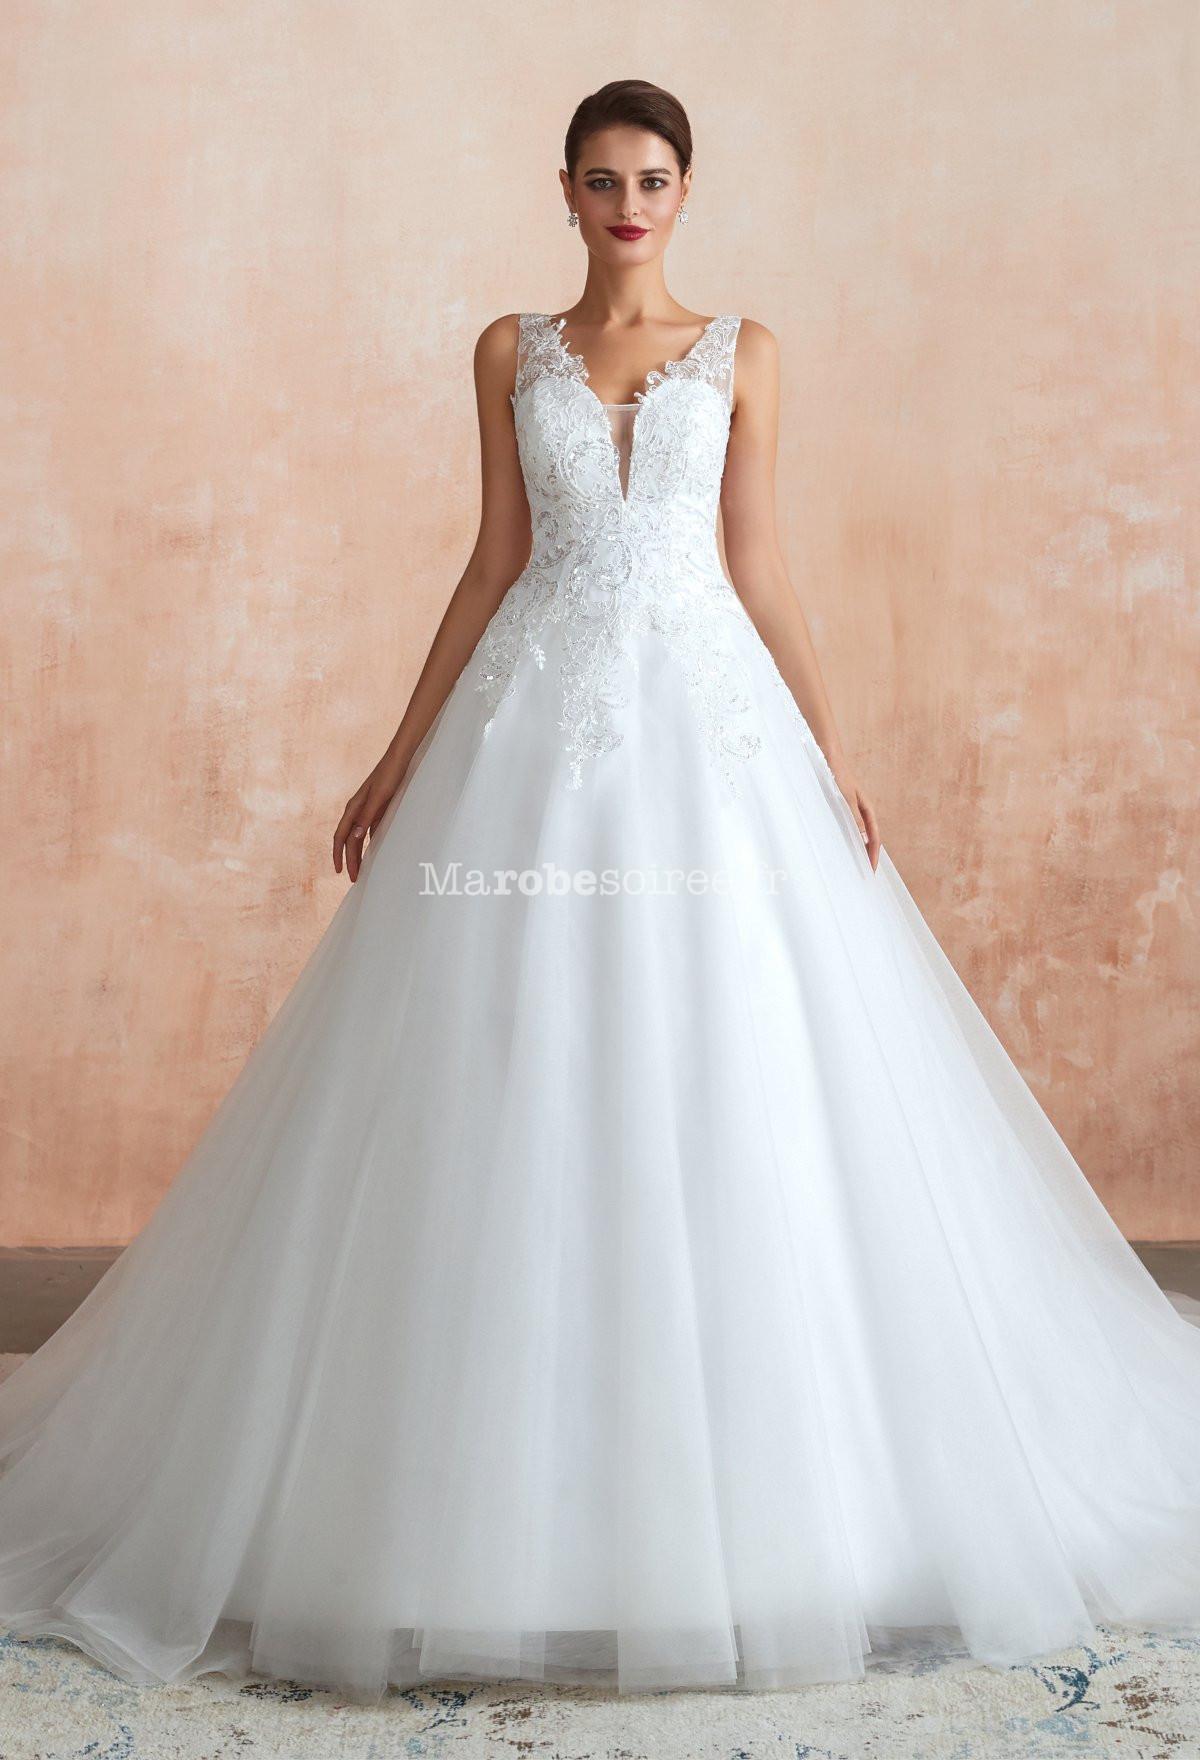 Robe De Mariée Princesse Décolleté Vertigineux